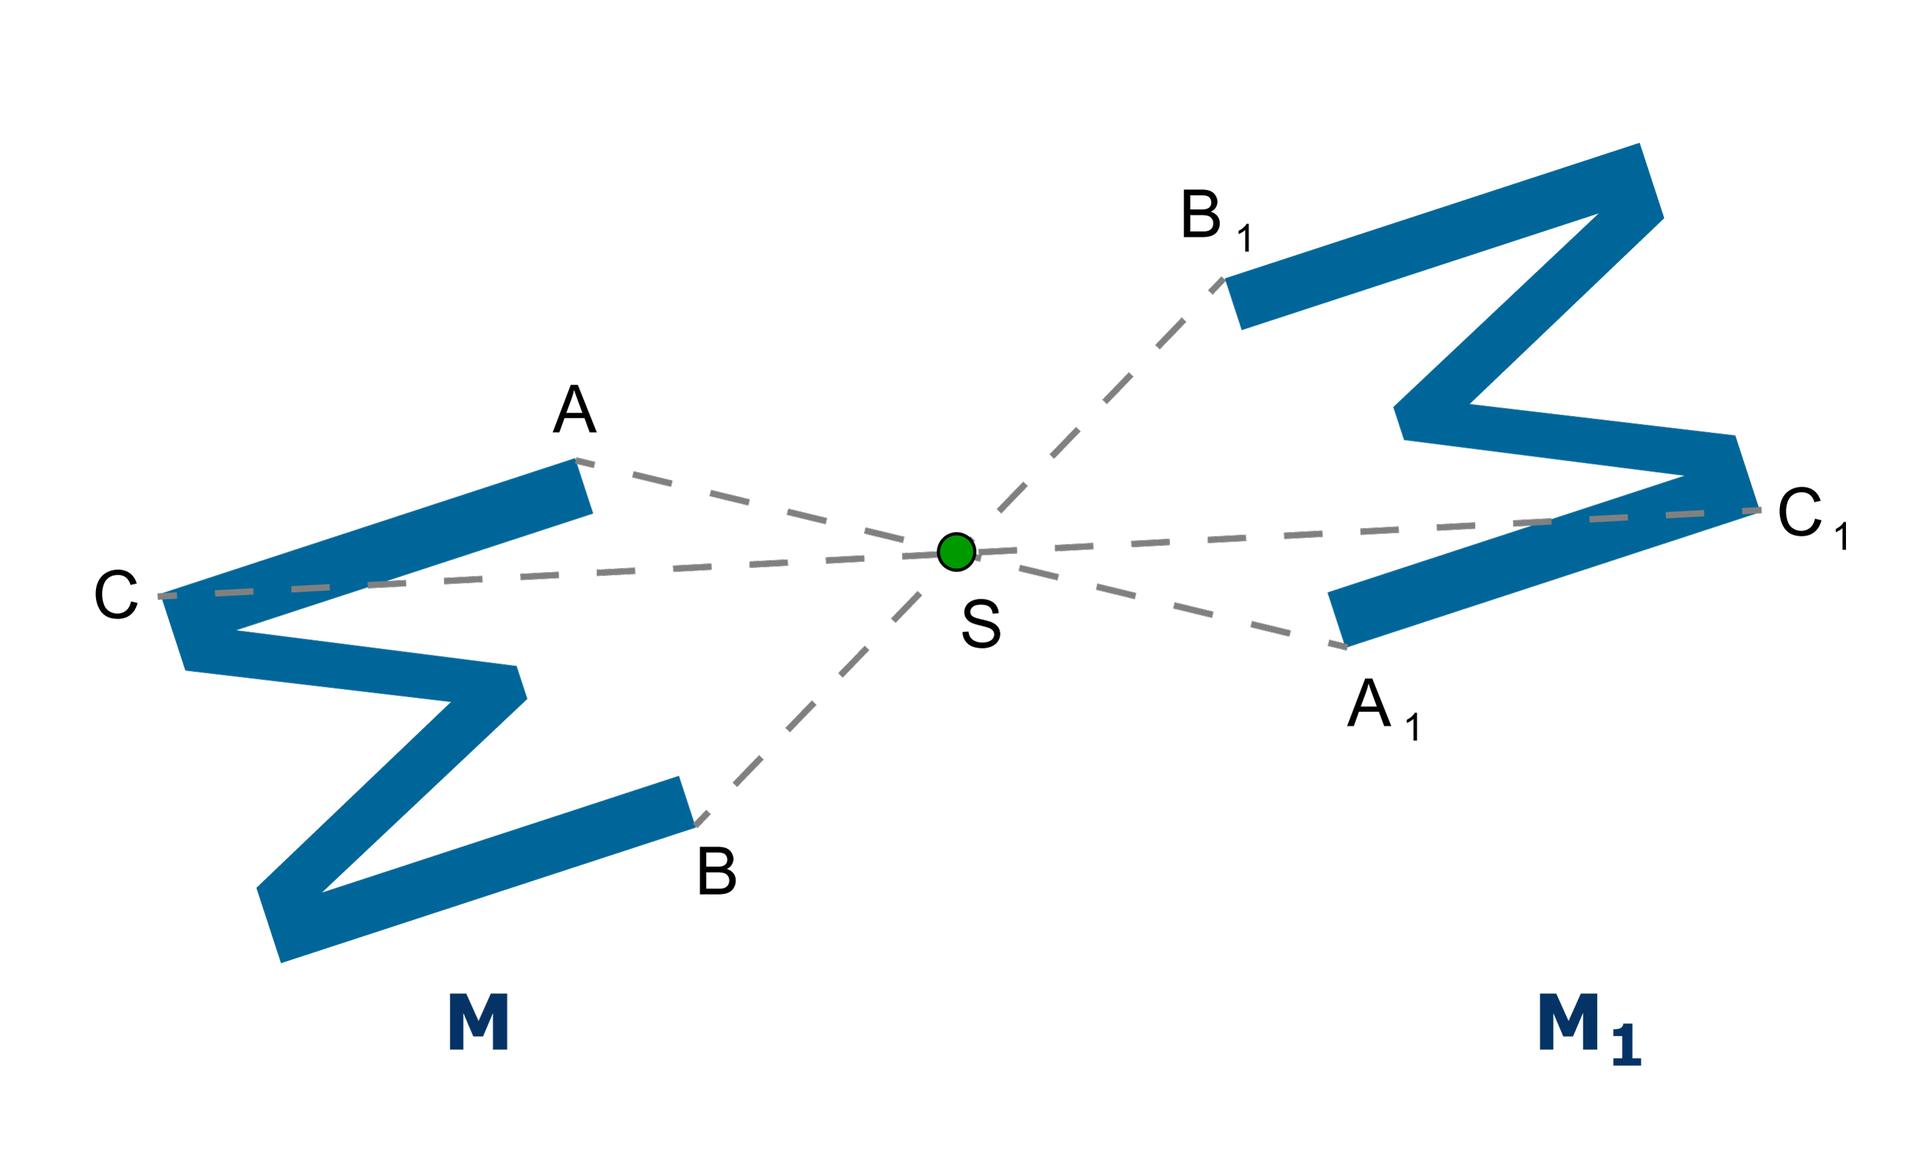 Rysunek figur MiMzindeksem dolnym jeden symetrycznej do Mwzględem punktu S. Do figury Mzindeksem dolnym jeden należą punkty Azindeksem dolnym jeden, Bzindeksem dolnym jeden, Czindeksem dolnym jeden, które są obrazem punktów A, BiCfigury Mwsymetrii względem punktu S.